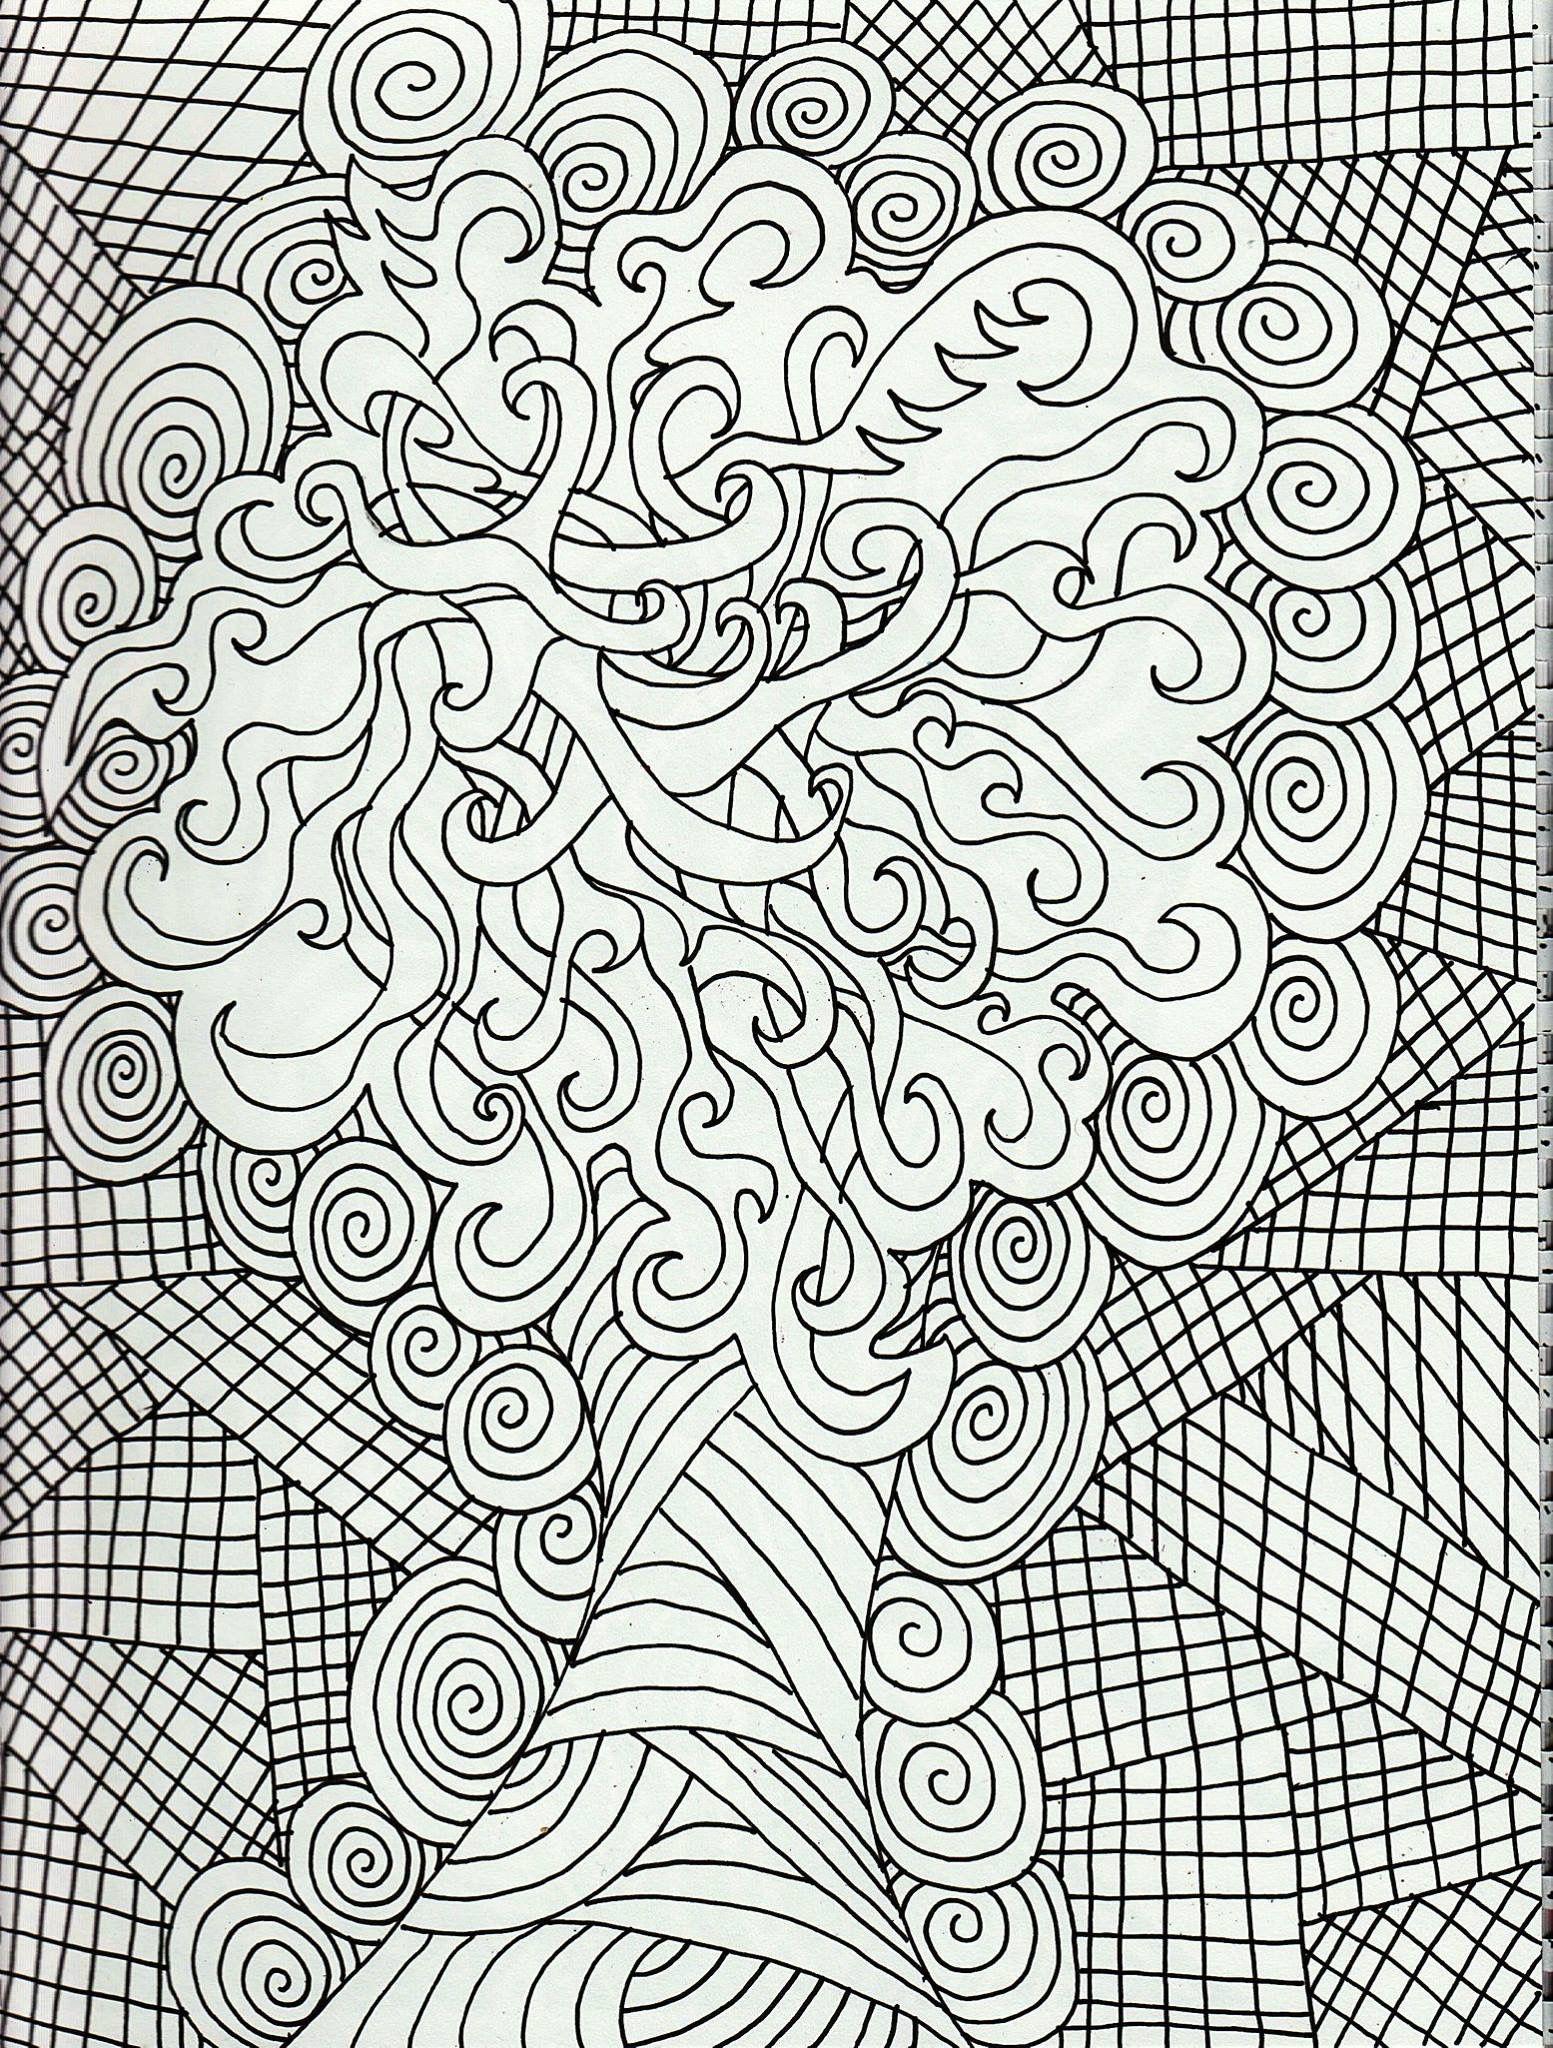 Pin By Materniarte On Desenhos Antiestresse Pinterest